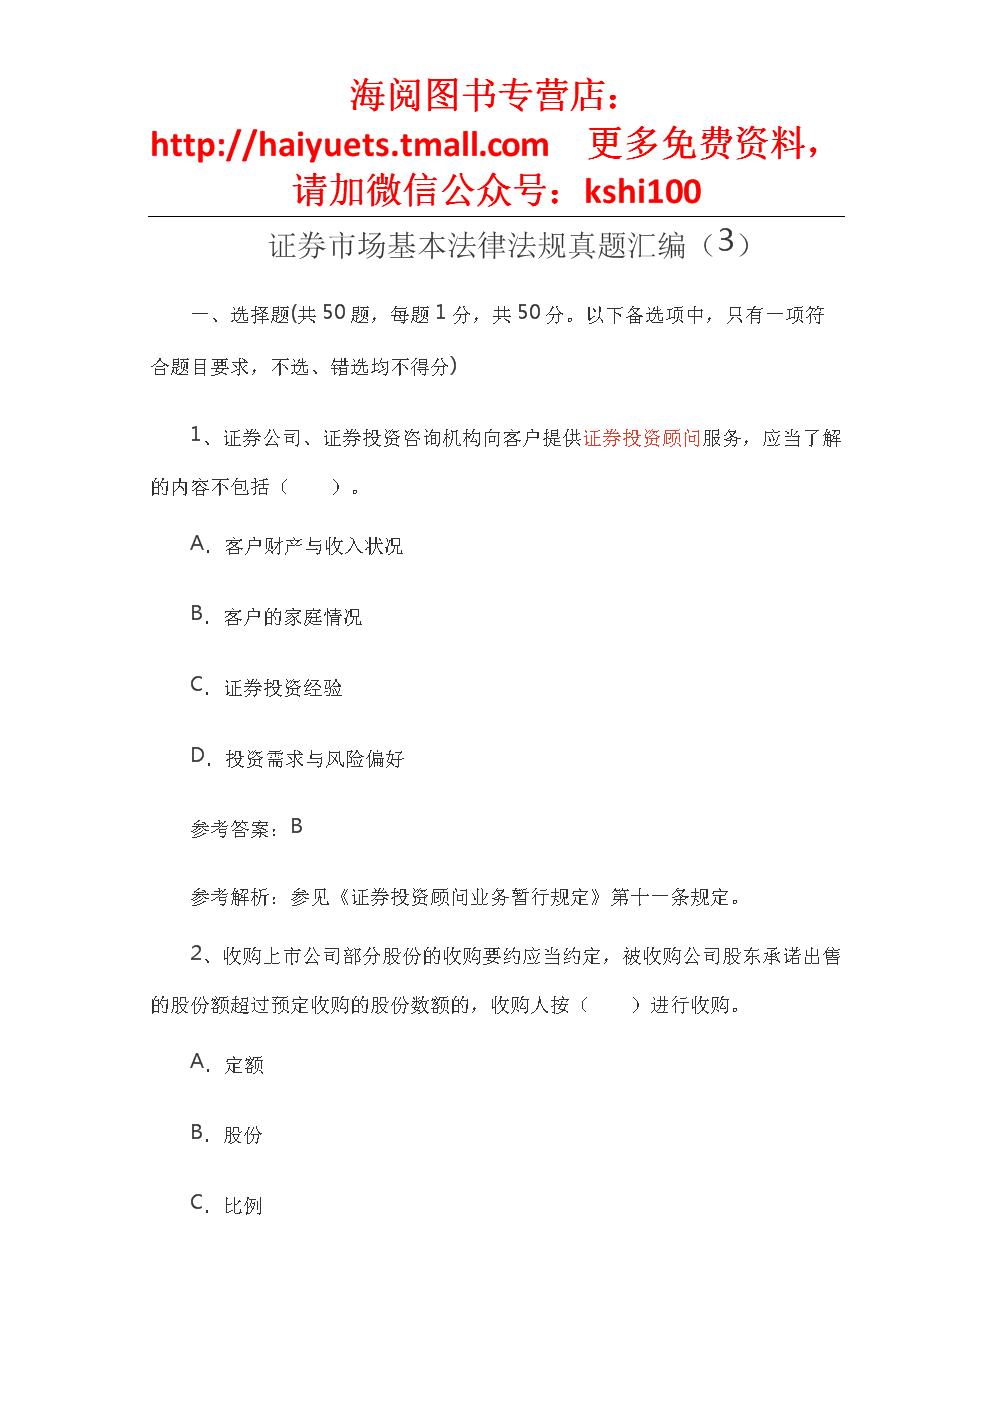 证市场基本法律法规真题汇编(3).docx